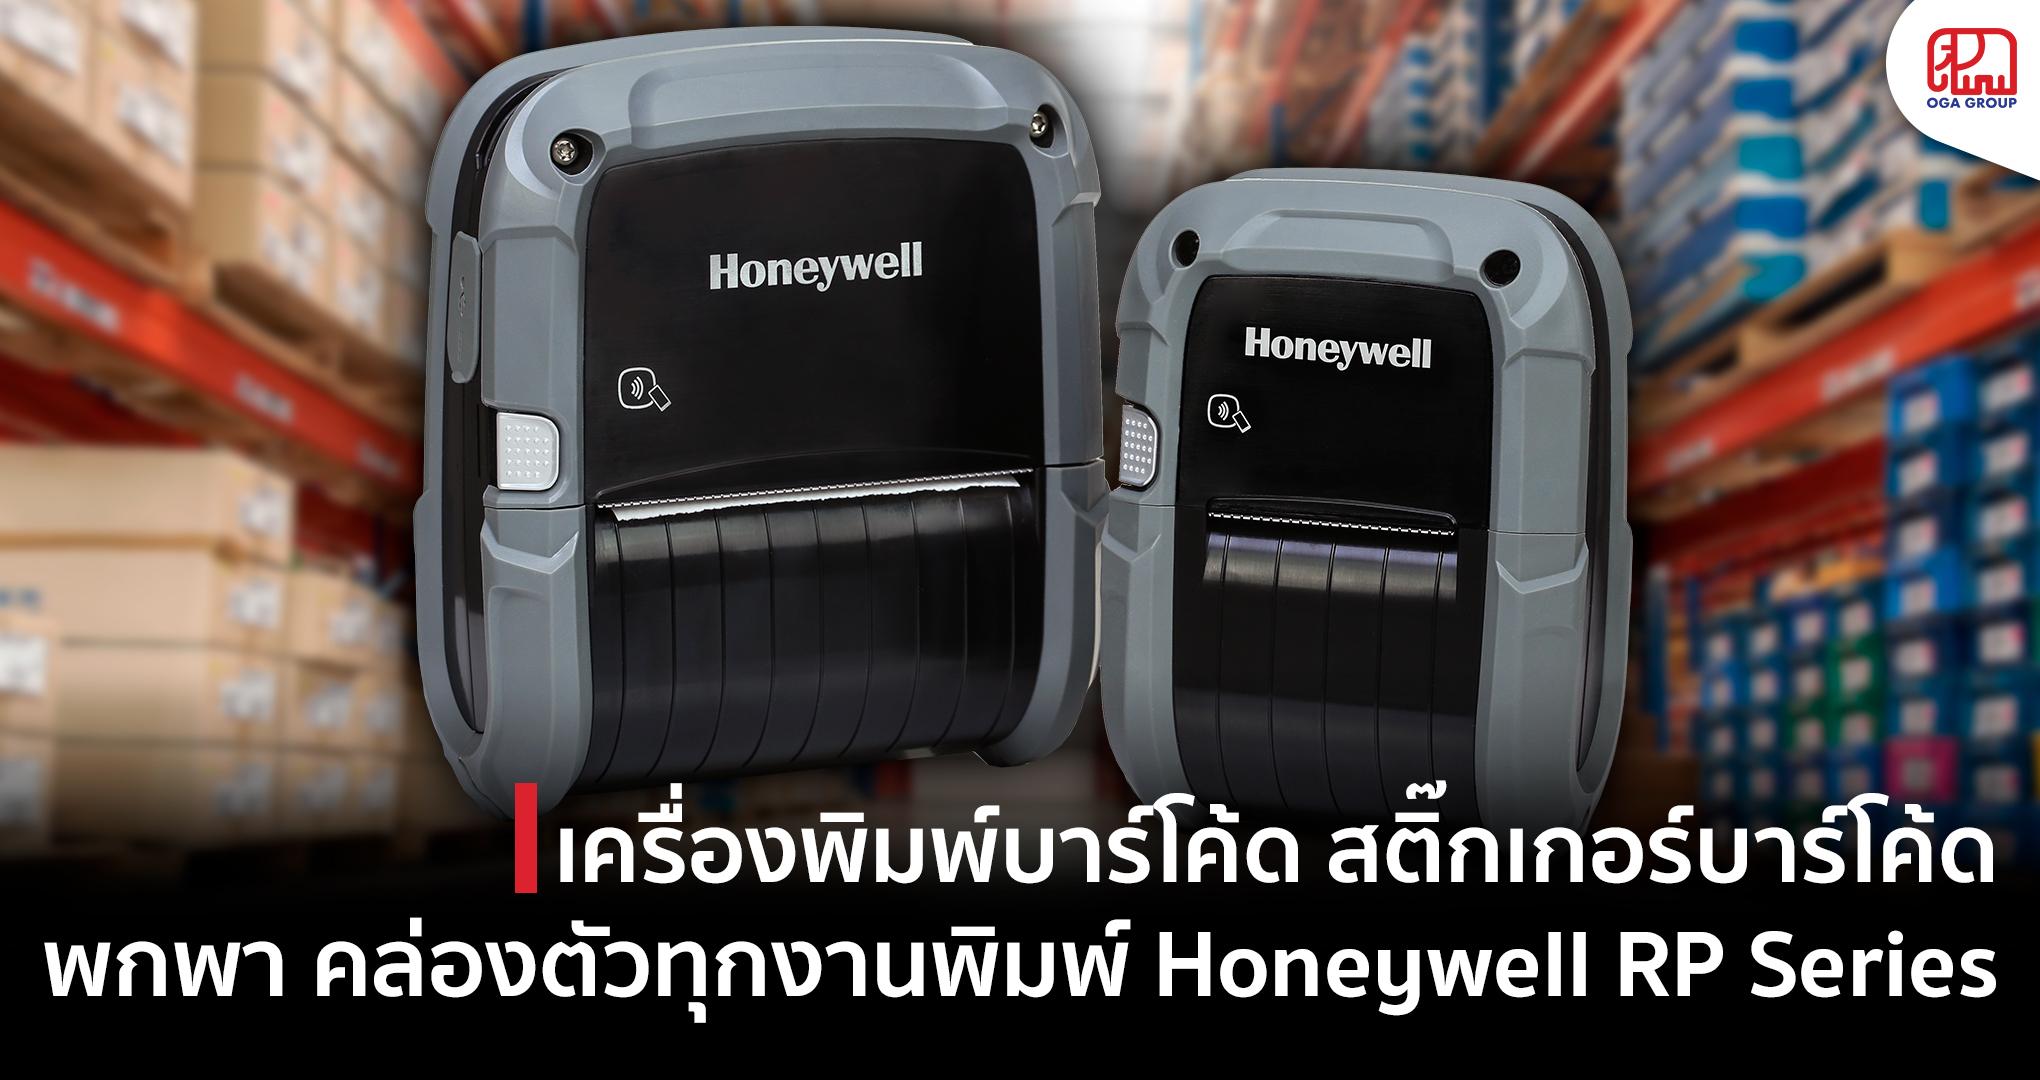 เครื่องพิมพ์บาร์โค้ด พิมพ์สติ๊กเกอร์บาร์โค้ด พกพา Honeywell RP Series